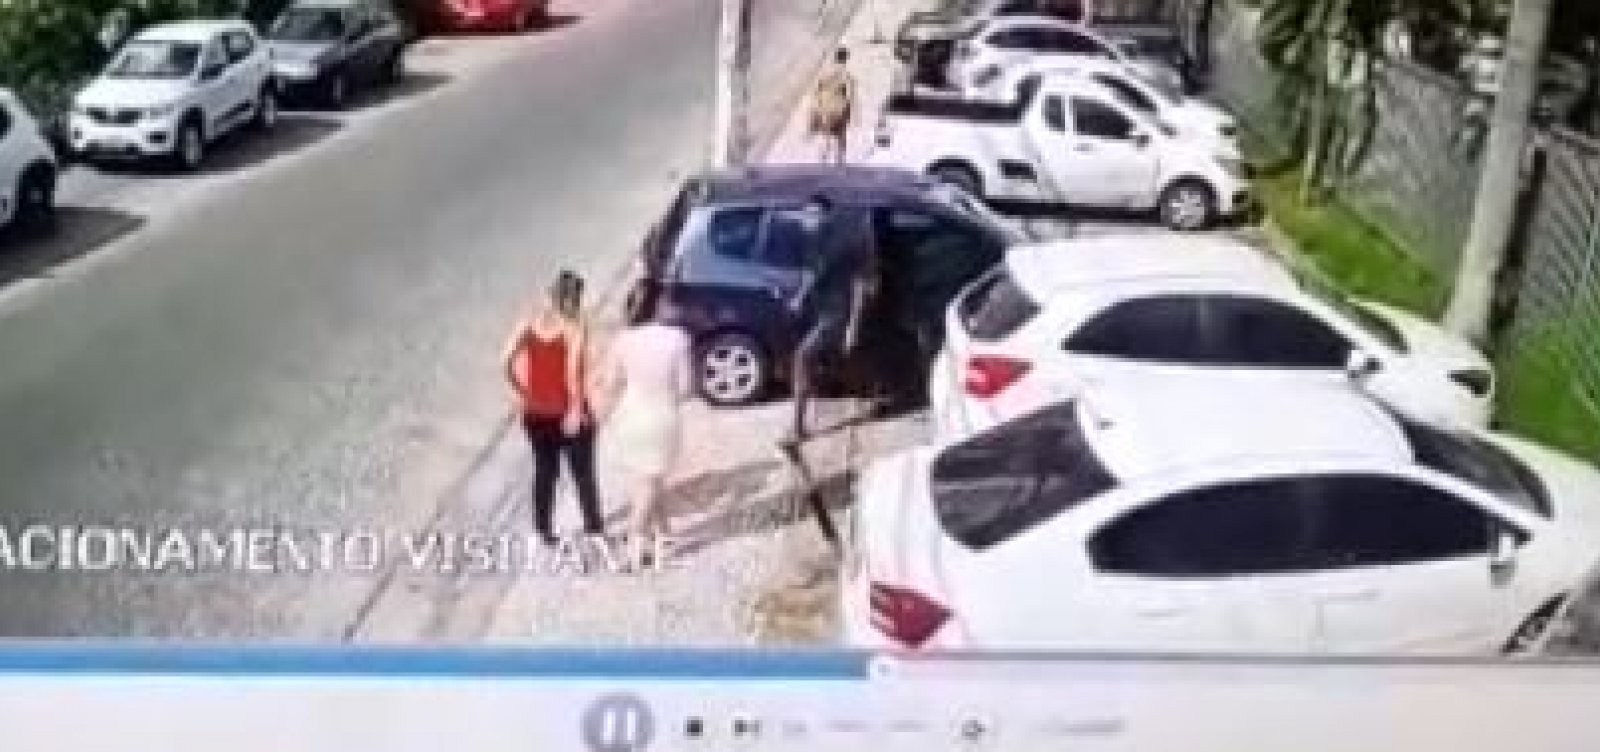 [Bandidos fingem ser visitantes e roubam vítimas em condomínio no Stiep; veja vídeo]